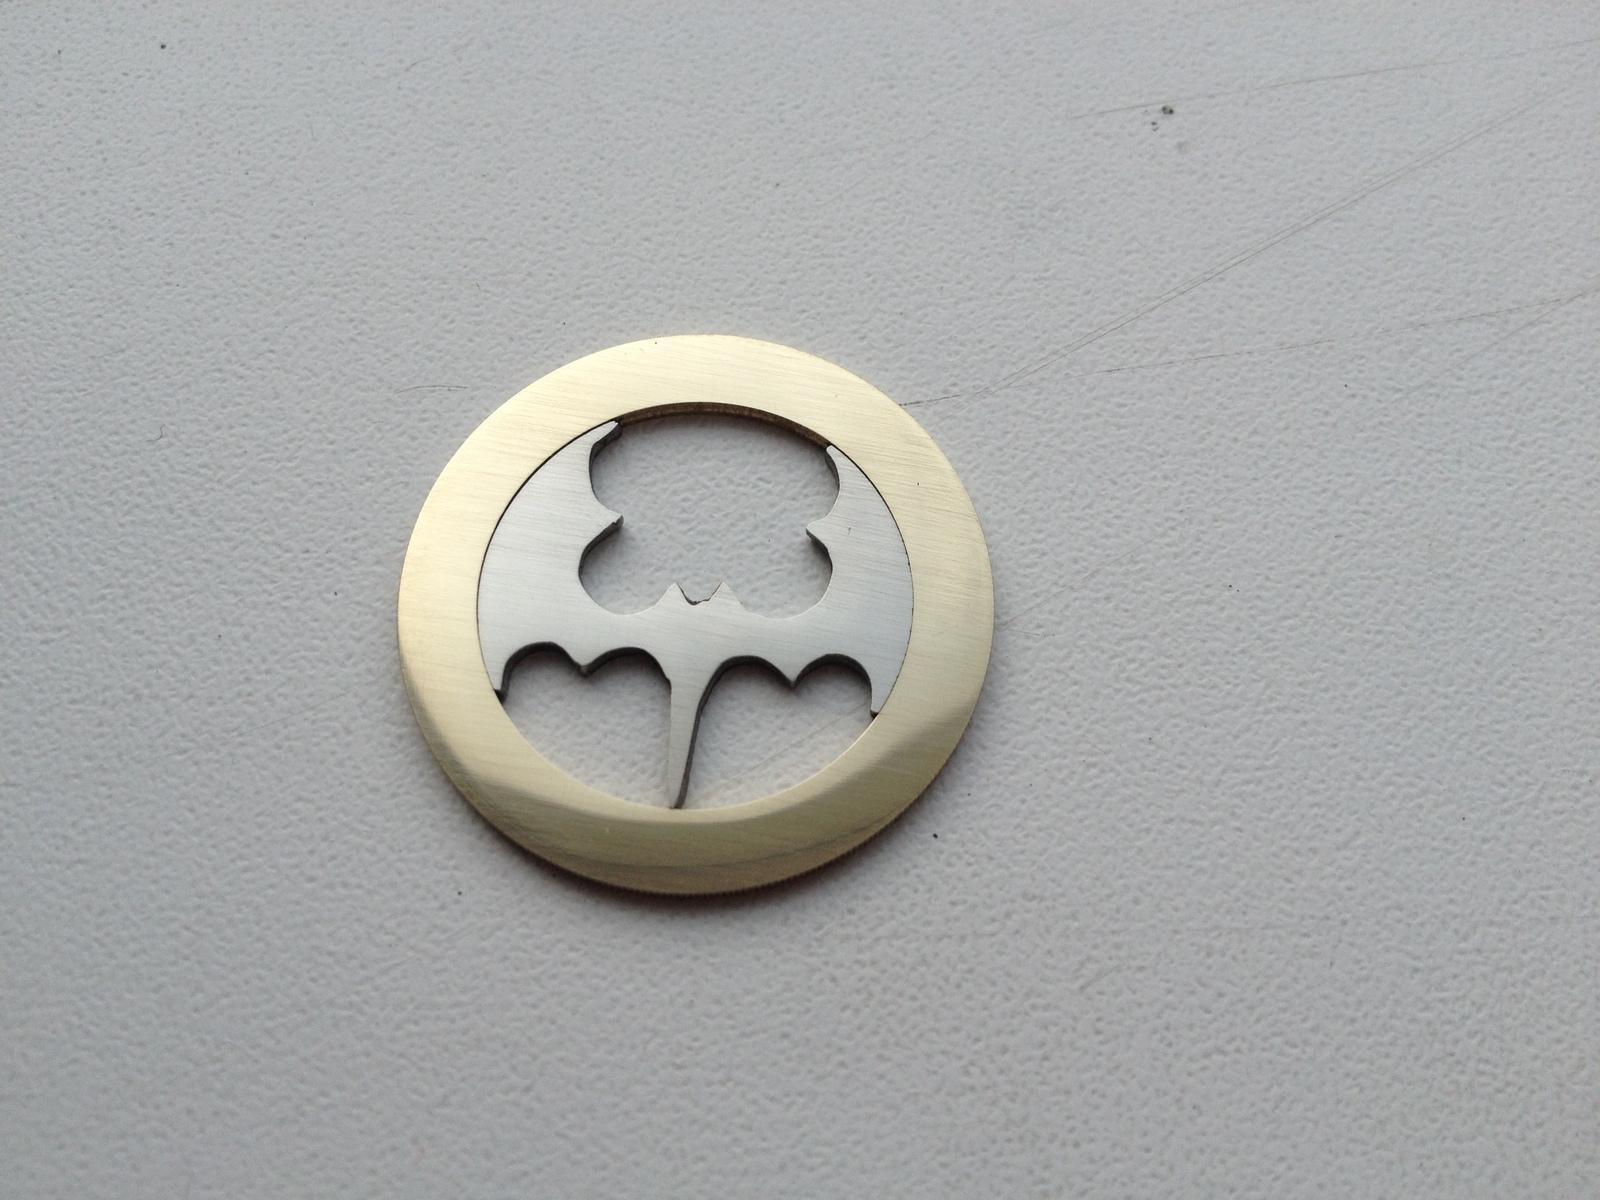 Как сделать из монеты медальон фото 529